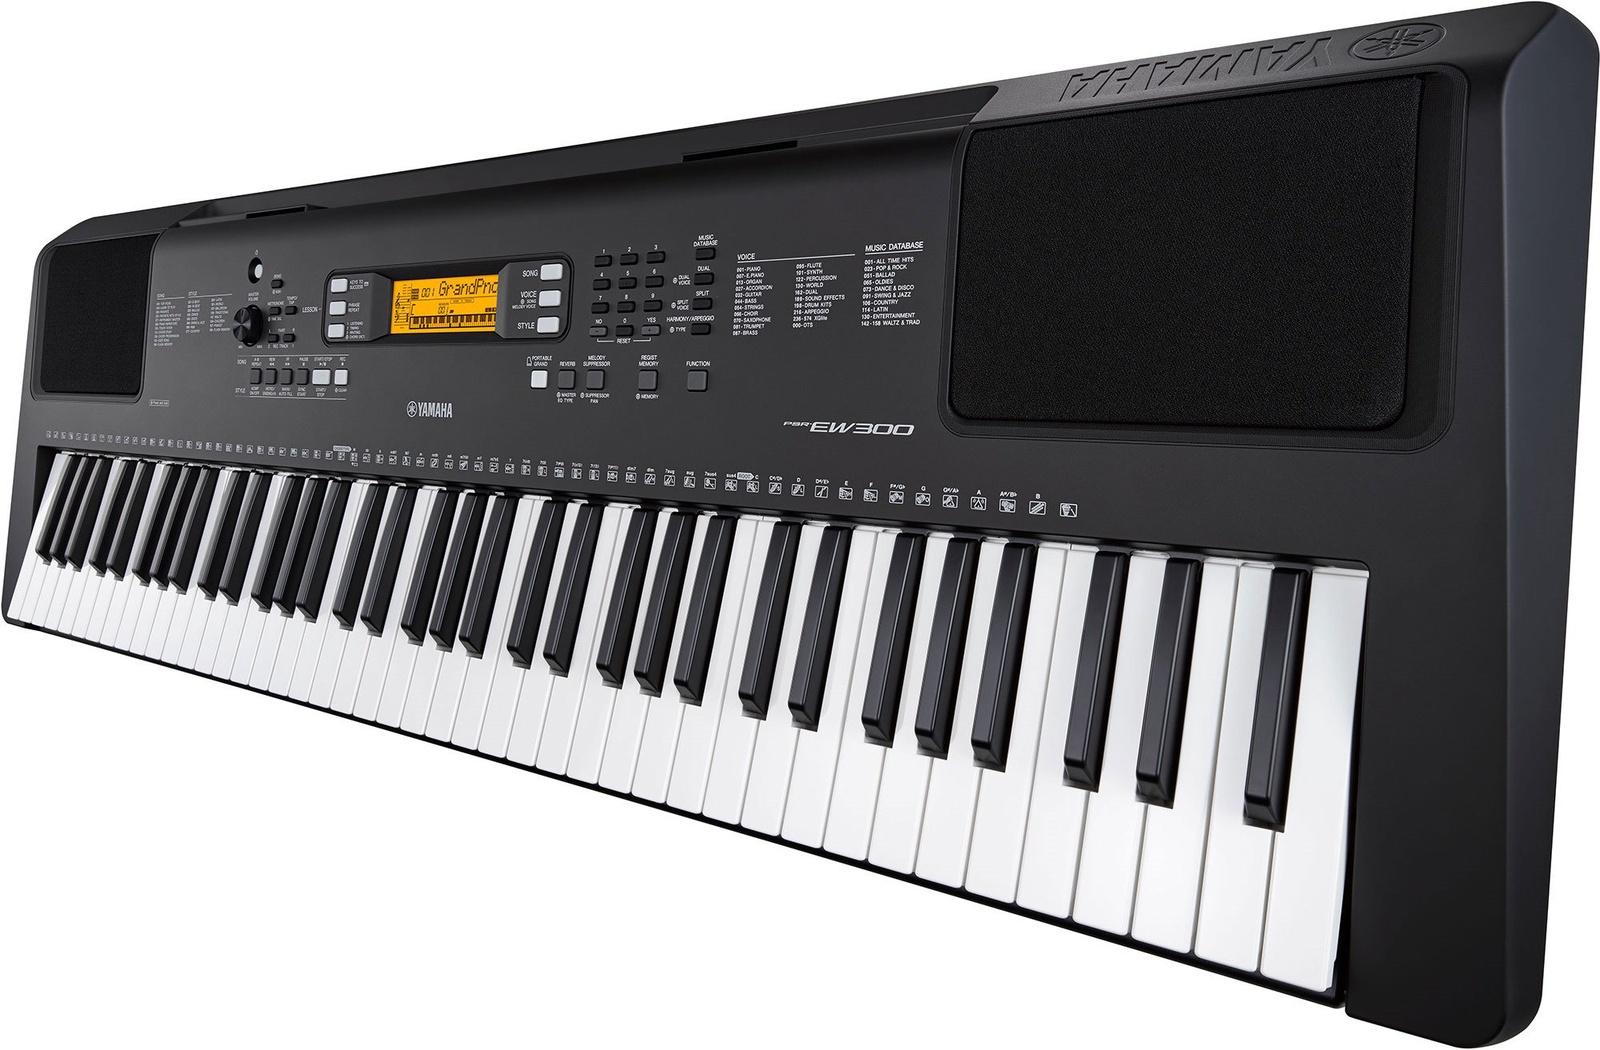 Yamaha PSR-EW300 синтезатор с автоаккомпанементом, 76 клавиш синтезатор yamaha psr s775